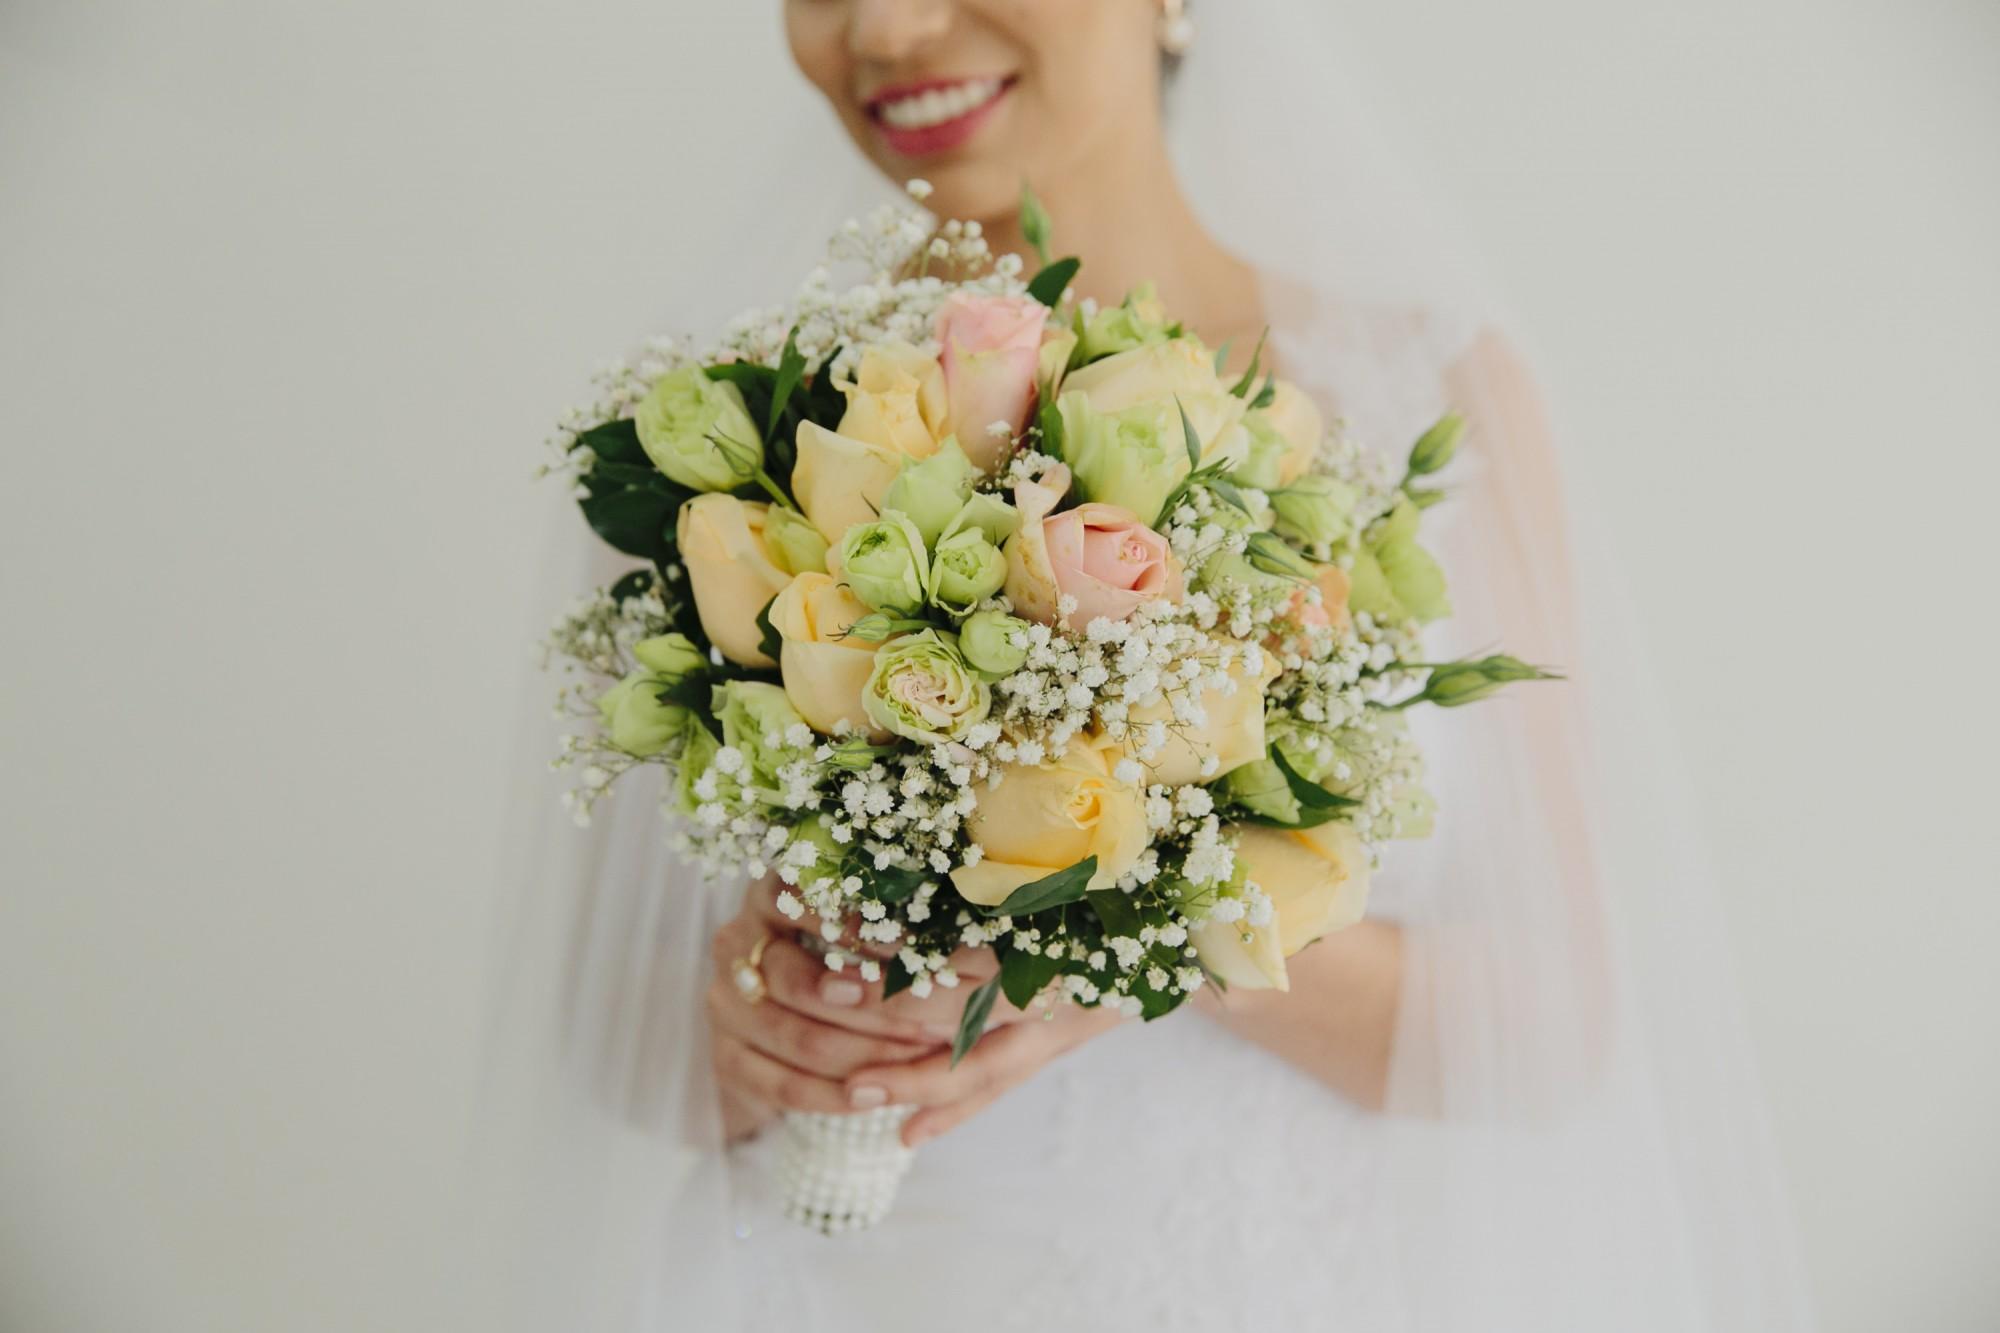 Casamento Camila Rampim e Rafael em Terra Roxa - Paraná - por Lorran Souza e Léia Sotile - fotografos de casamentos - 11